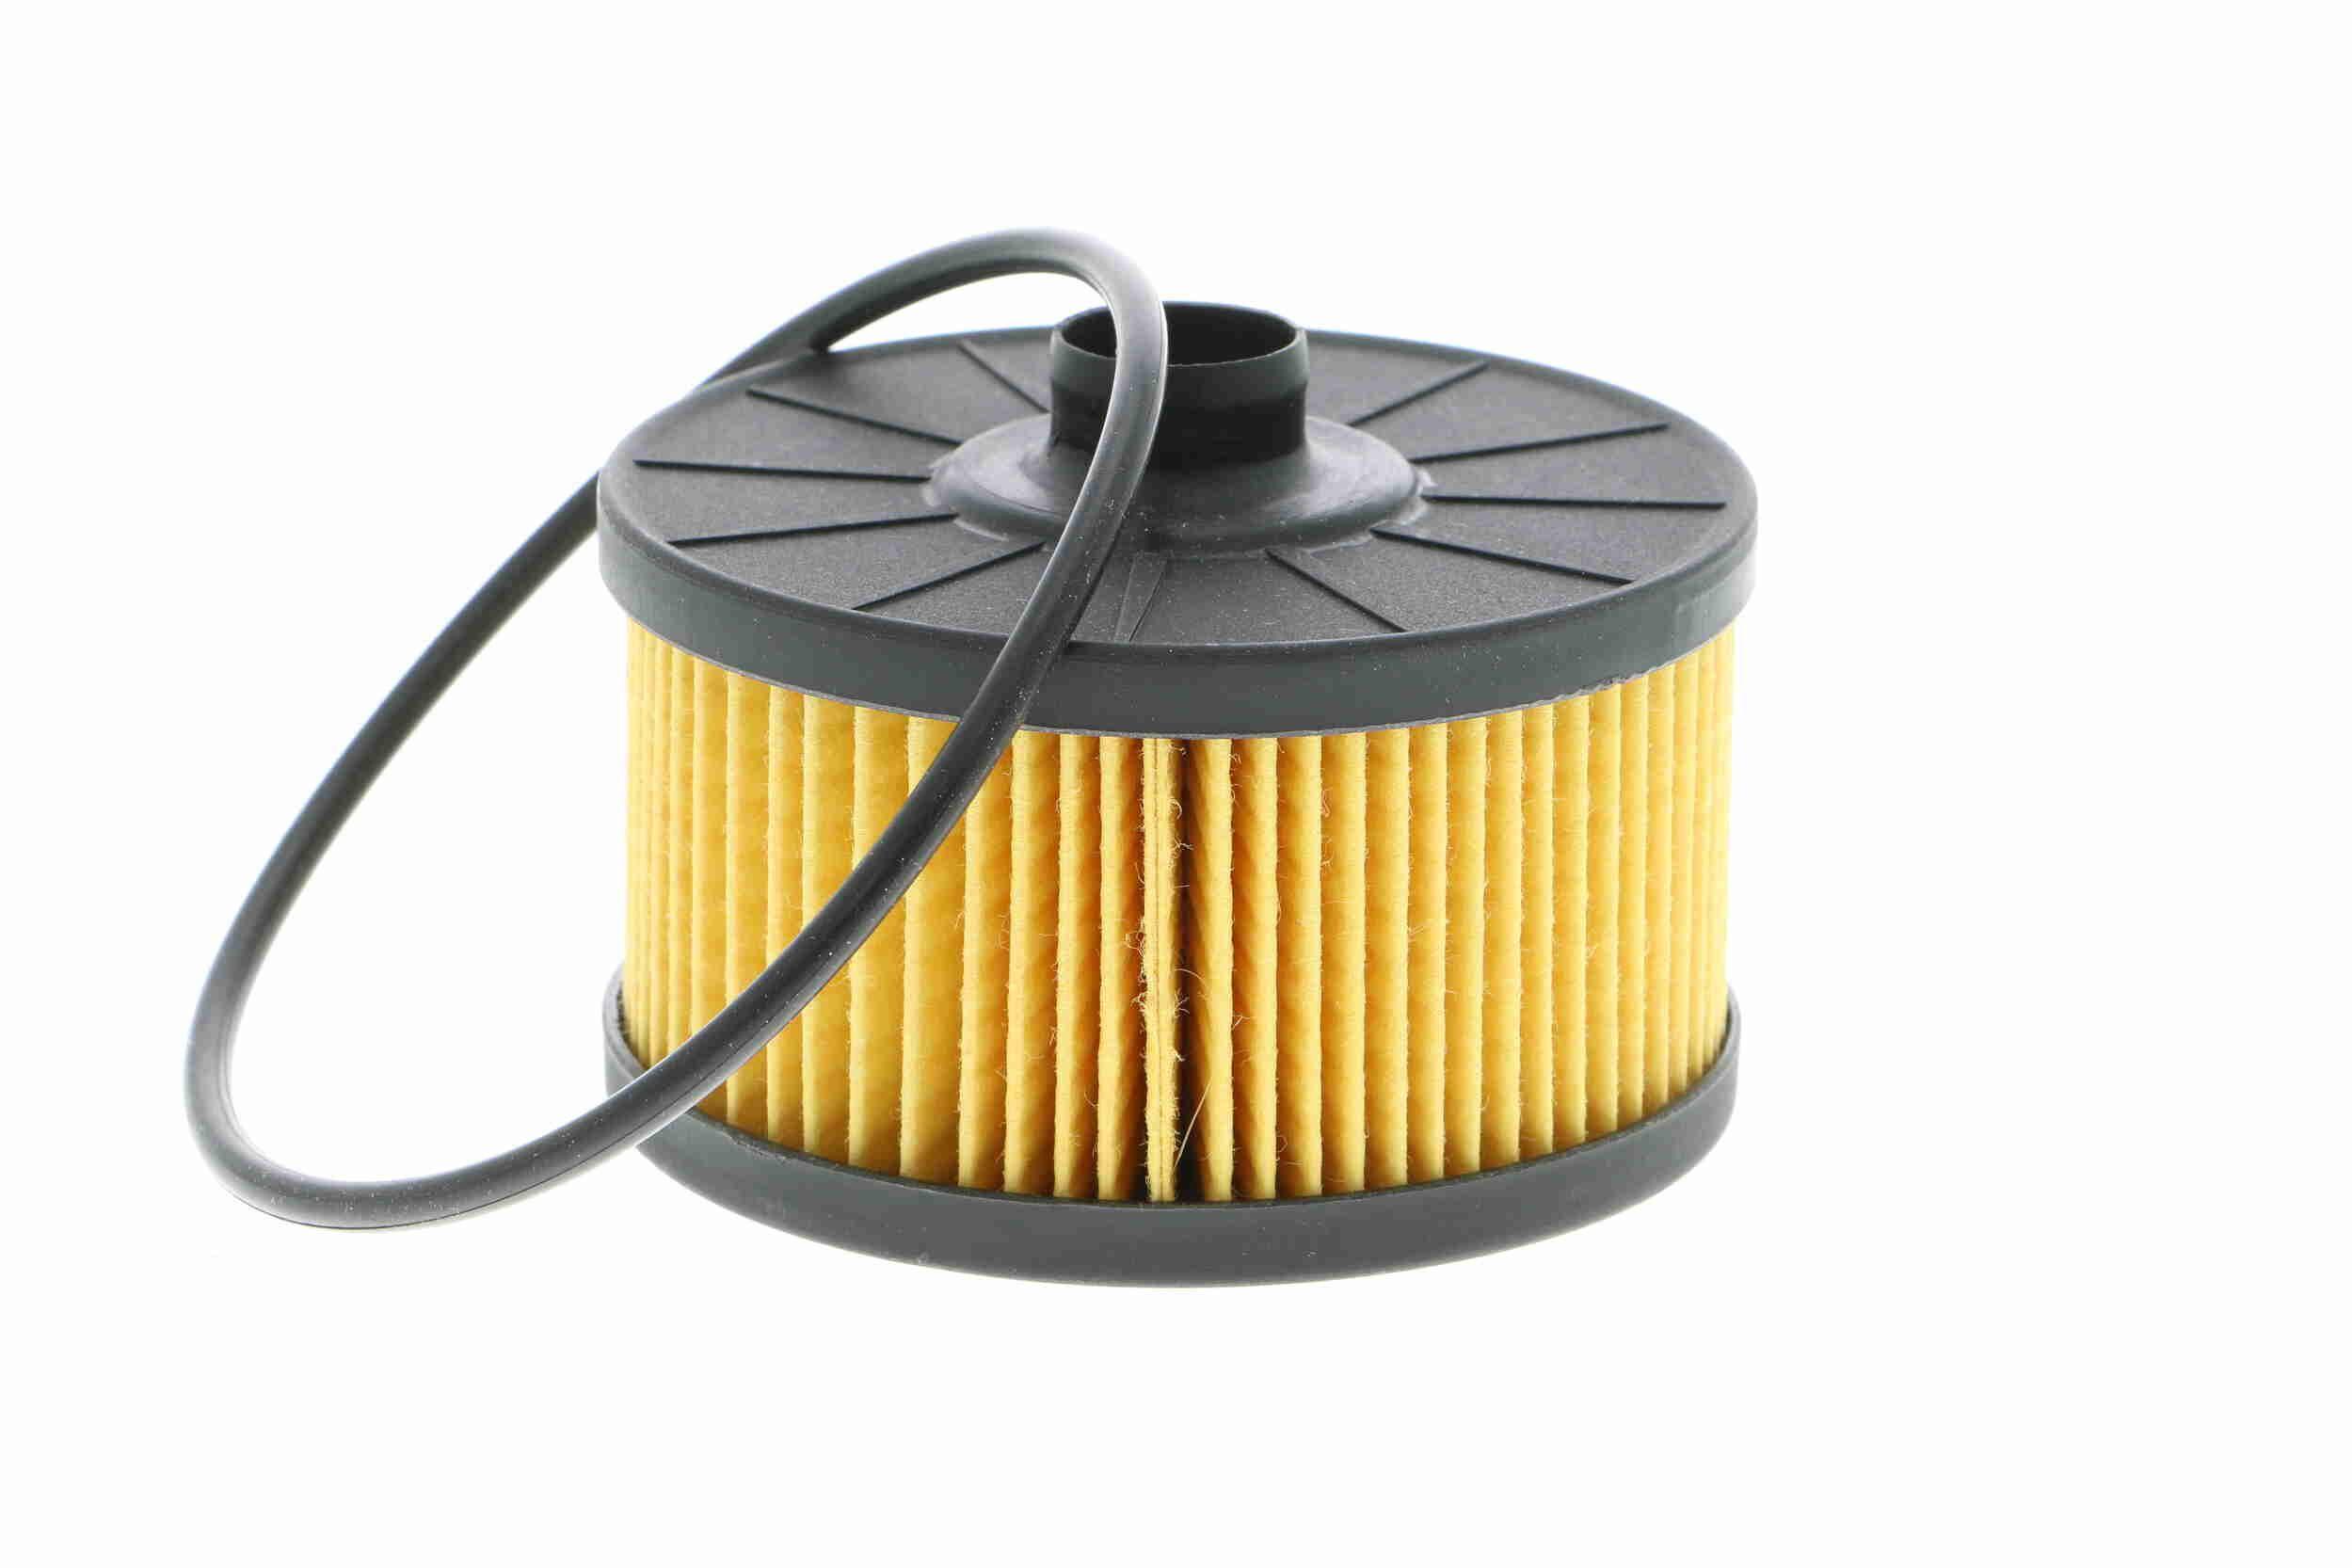 VAICO Art. Nr V46-0035 advantageously